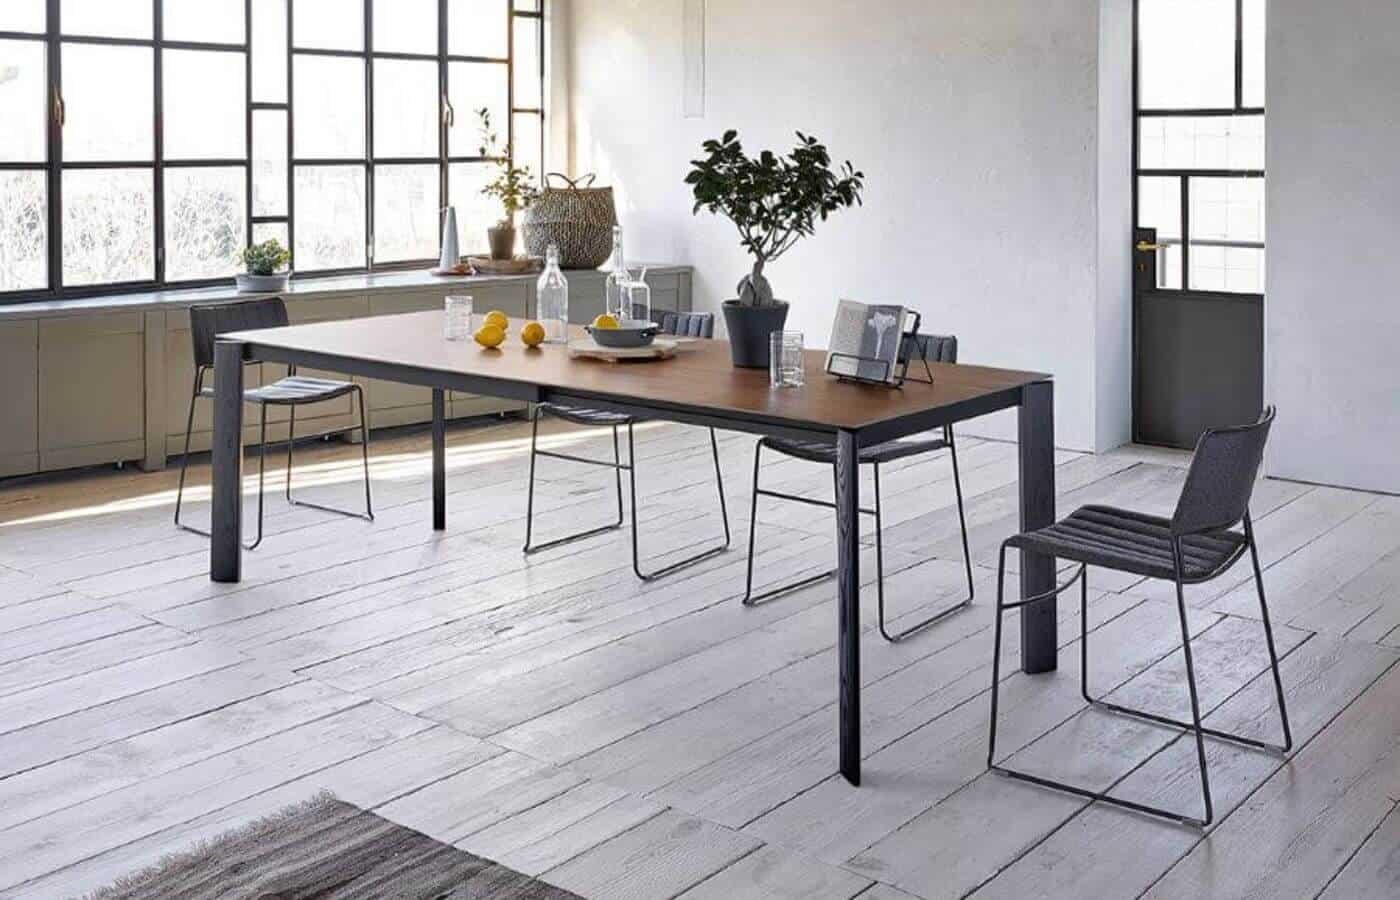 sedia-collezione-slim-il-mobile